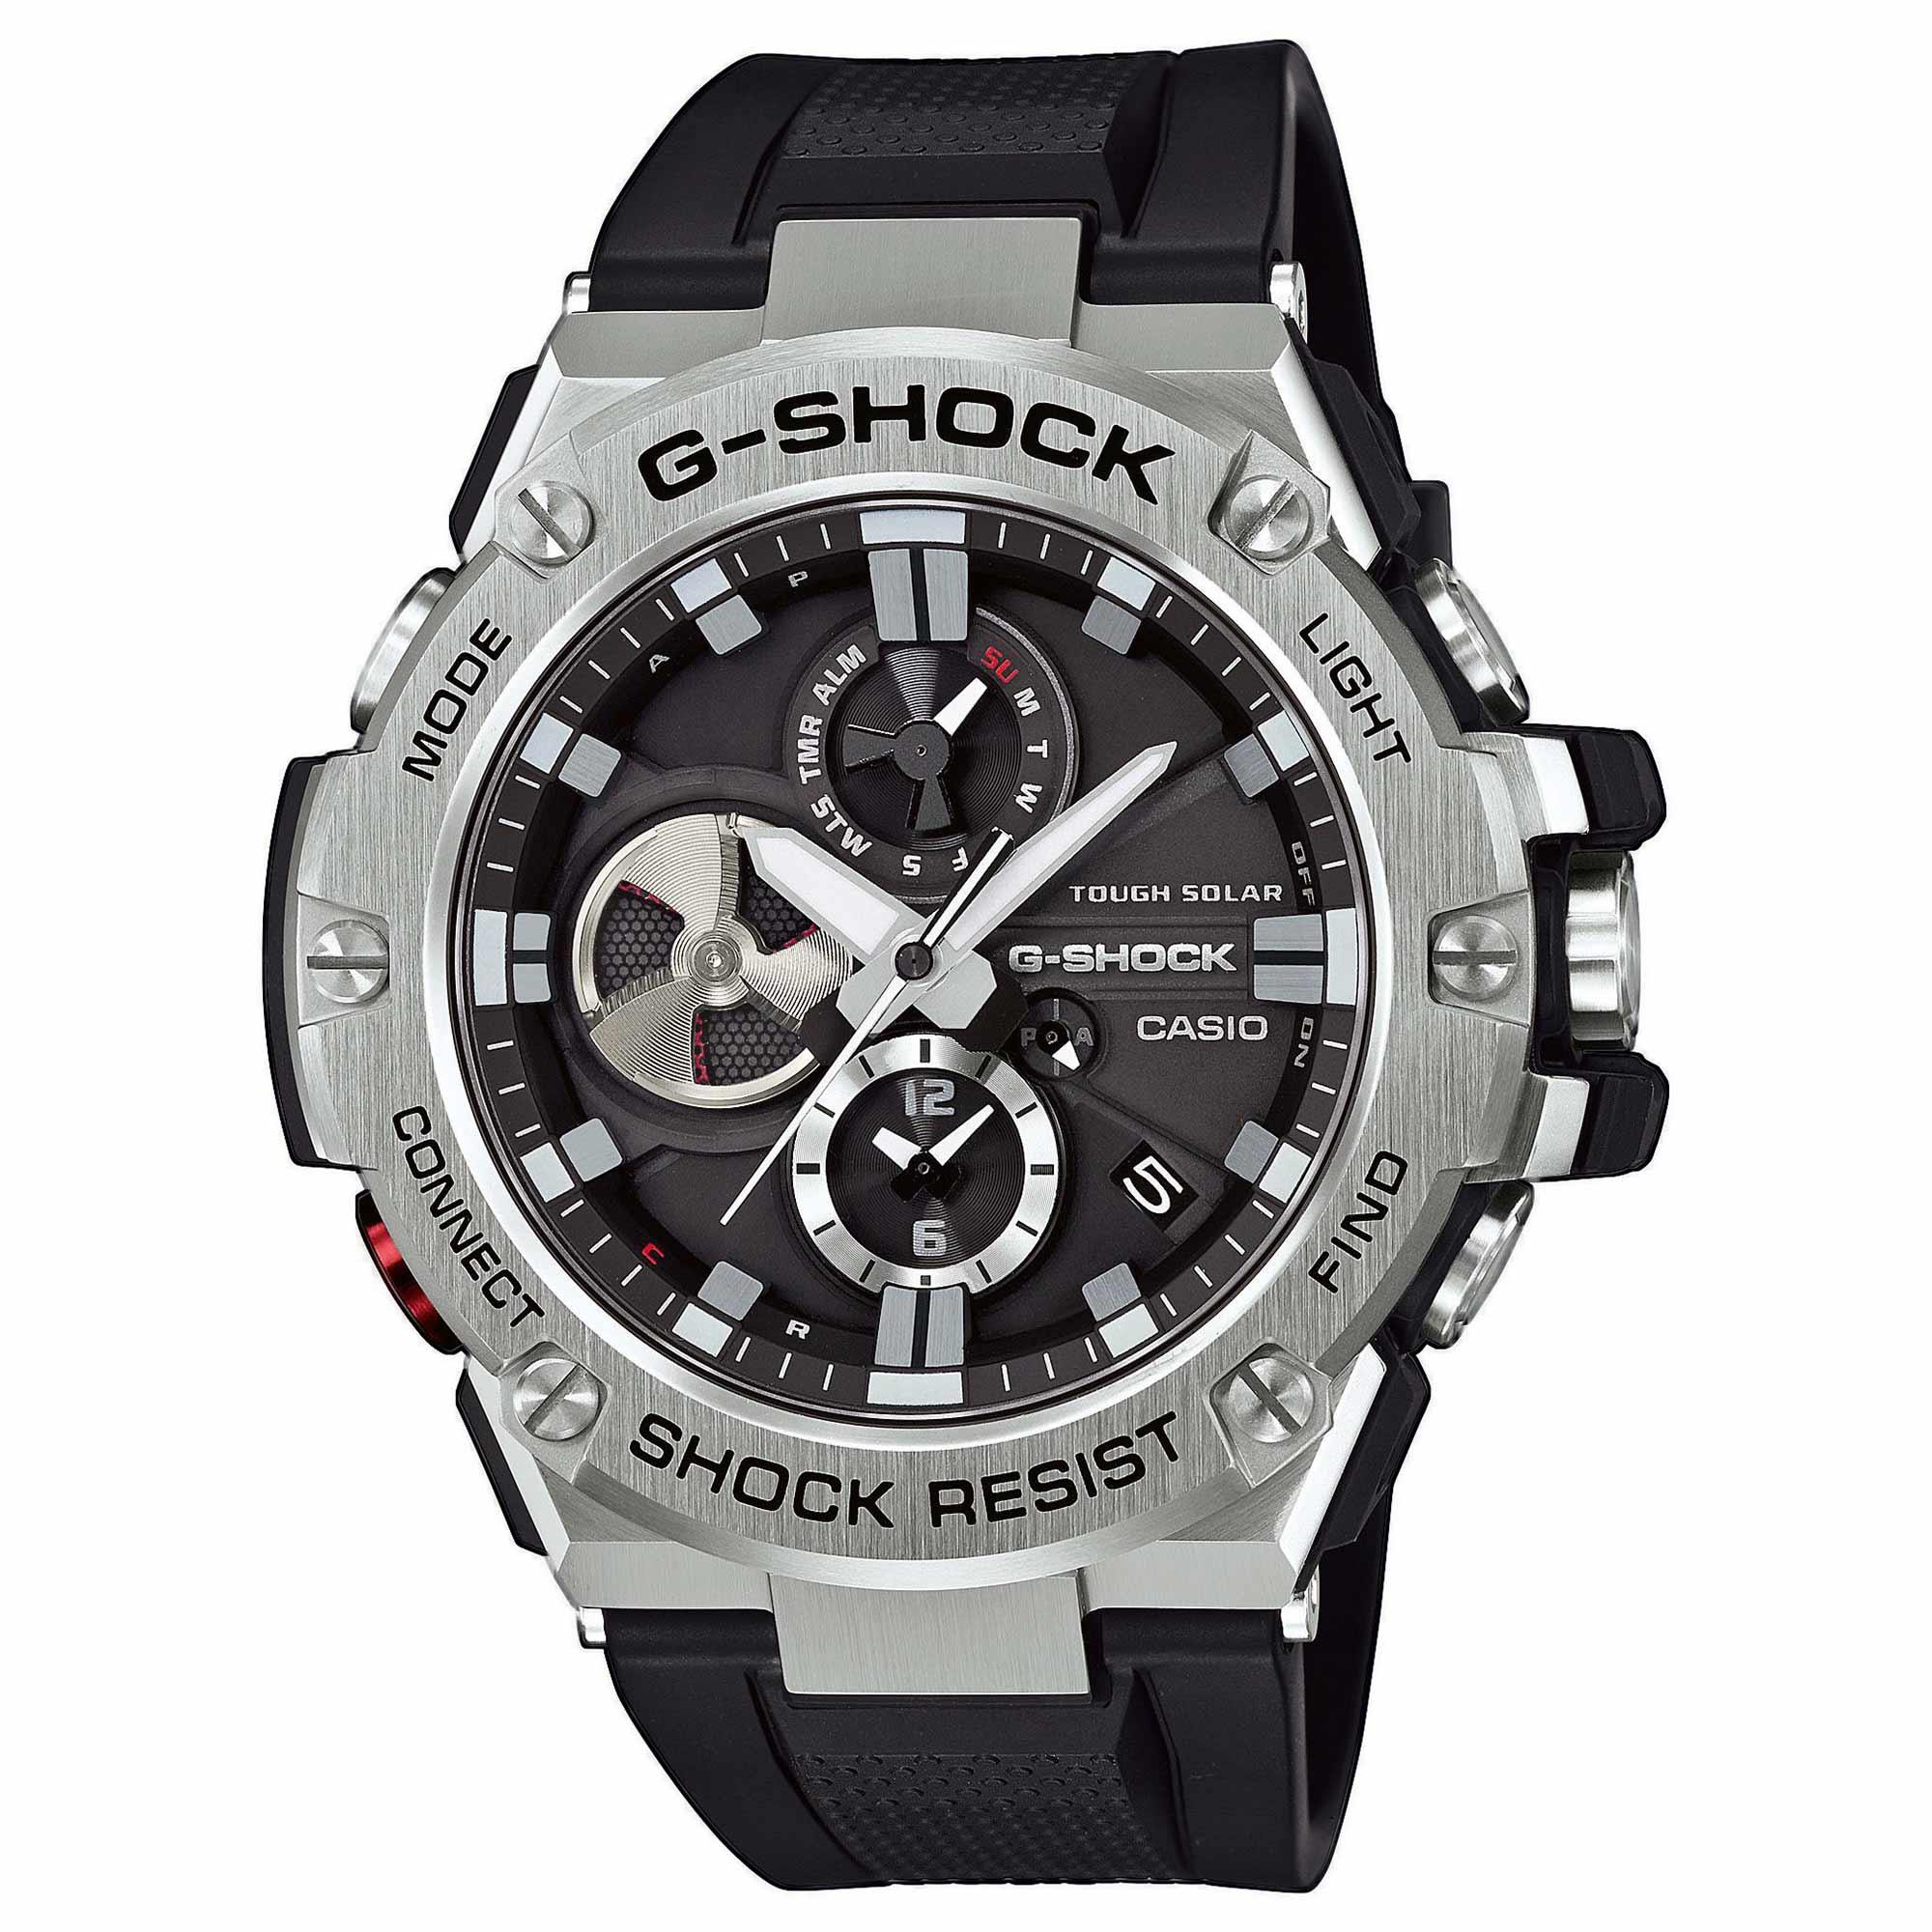 Casio Uhr G-Shock G-Steel GST-B100-1AER silber schwarz